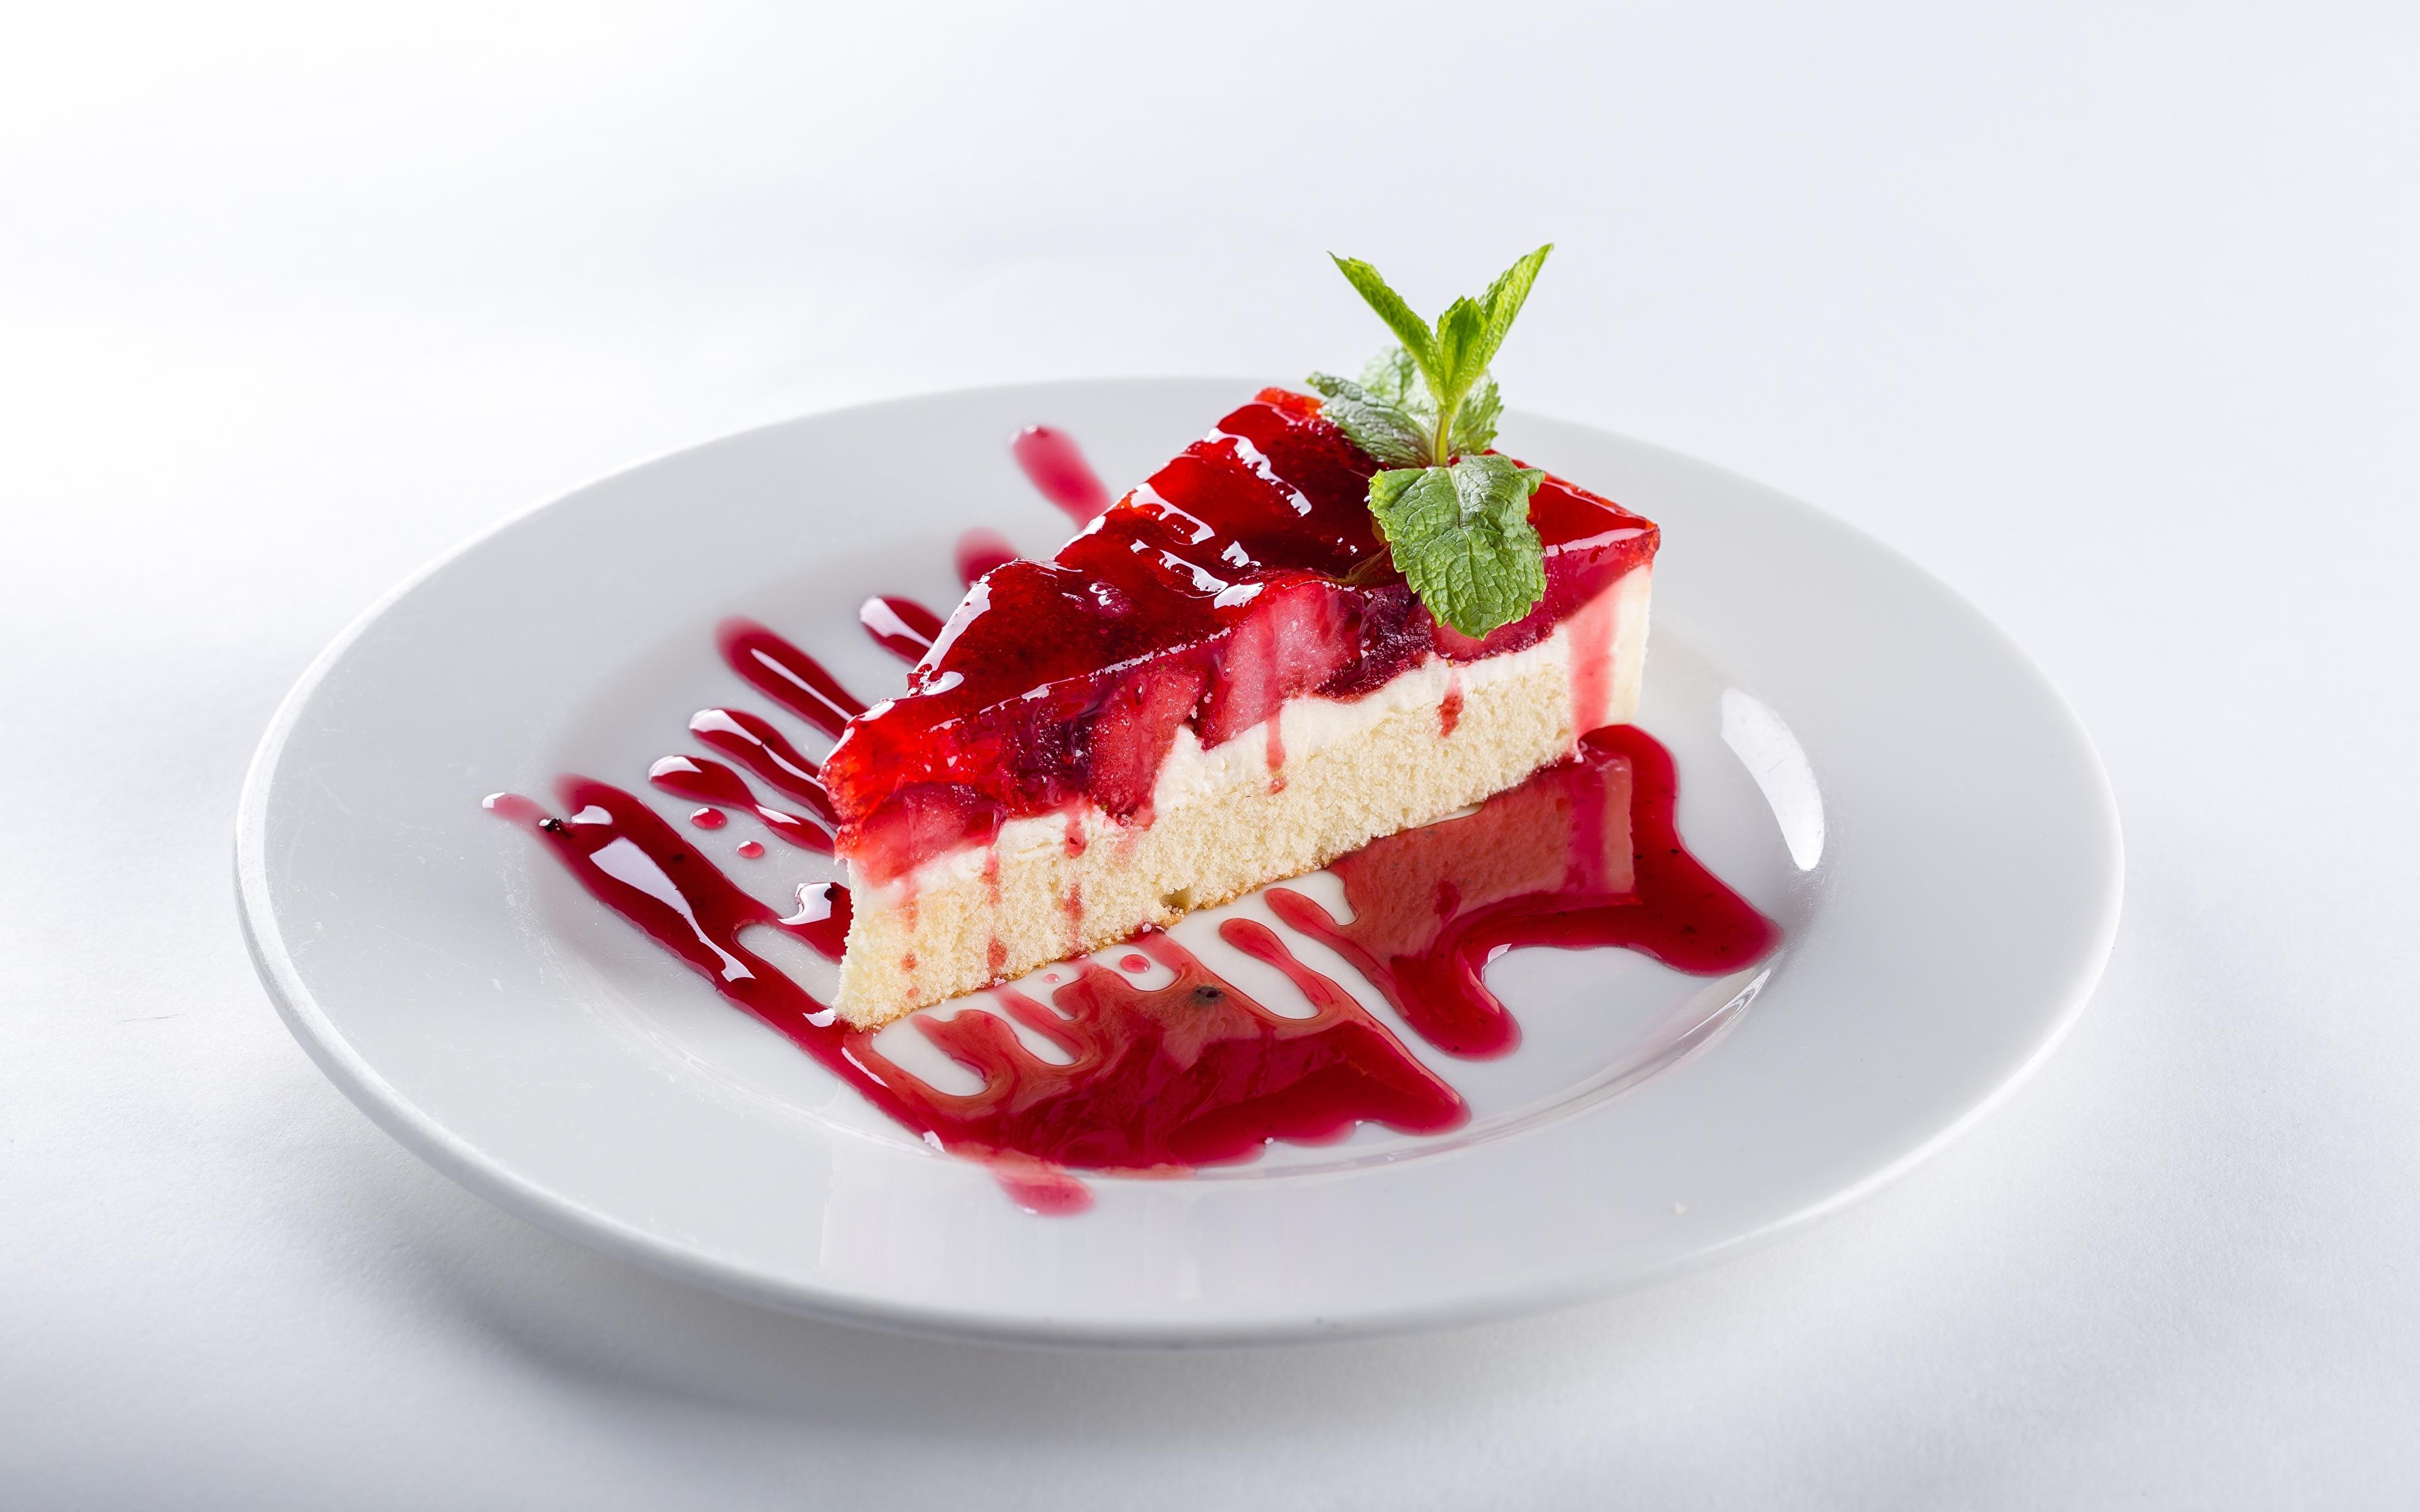 Фото Торты кусочек тарелке Продукты питания Белый фон 3840x2400 часть Кусок кусочки Еда Пища Тарелка белом фоне белым фоном